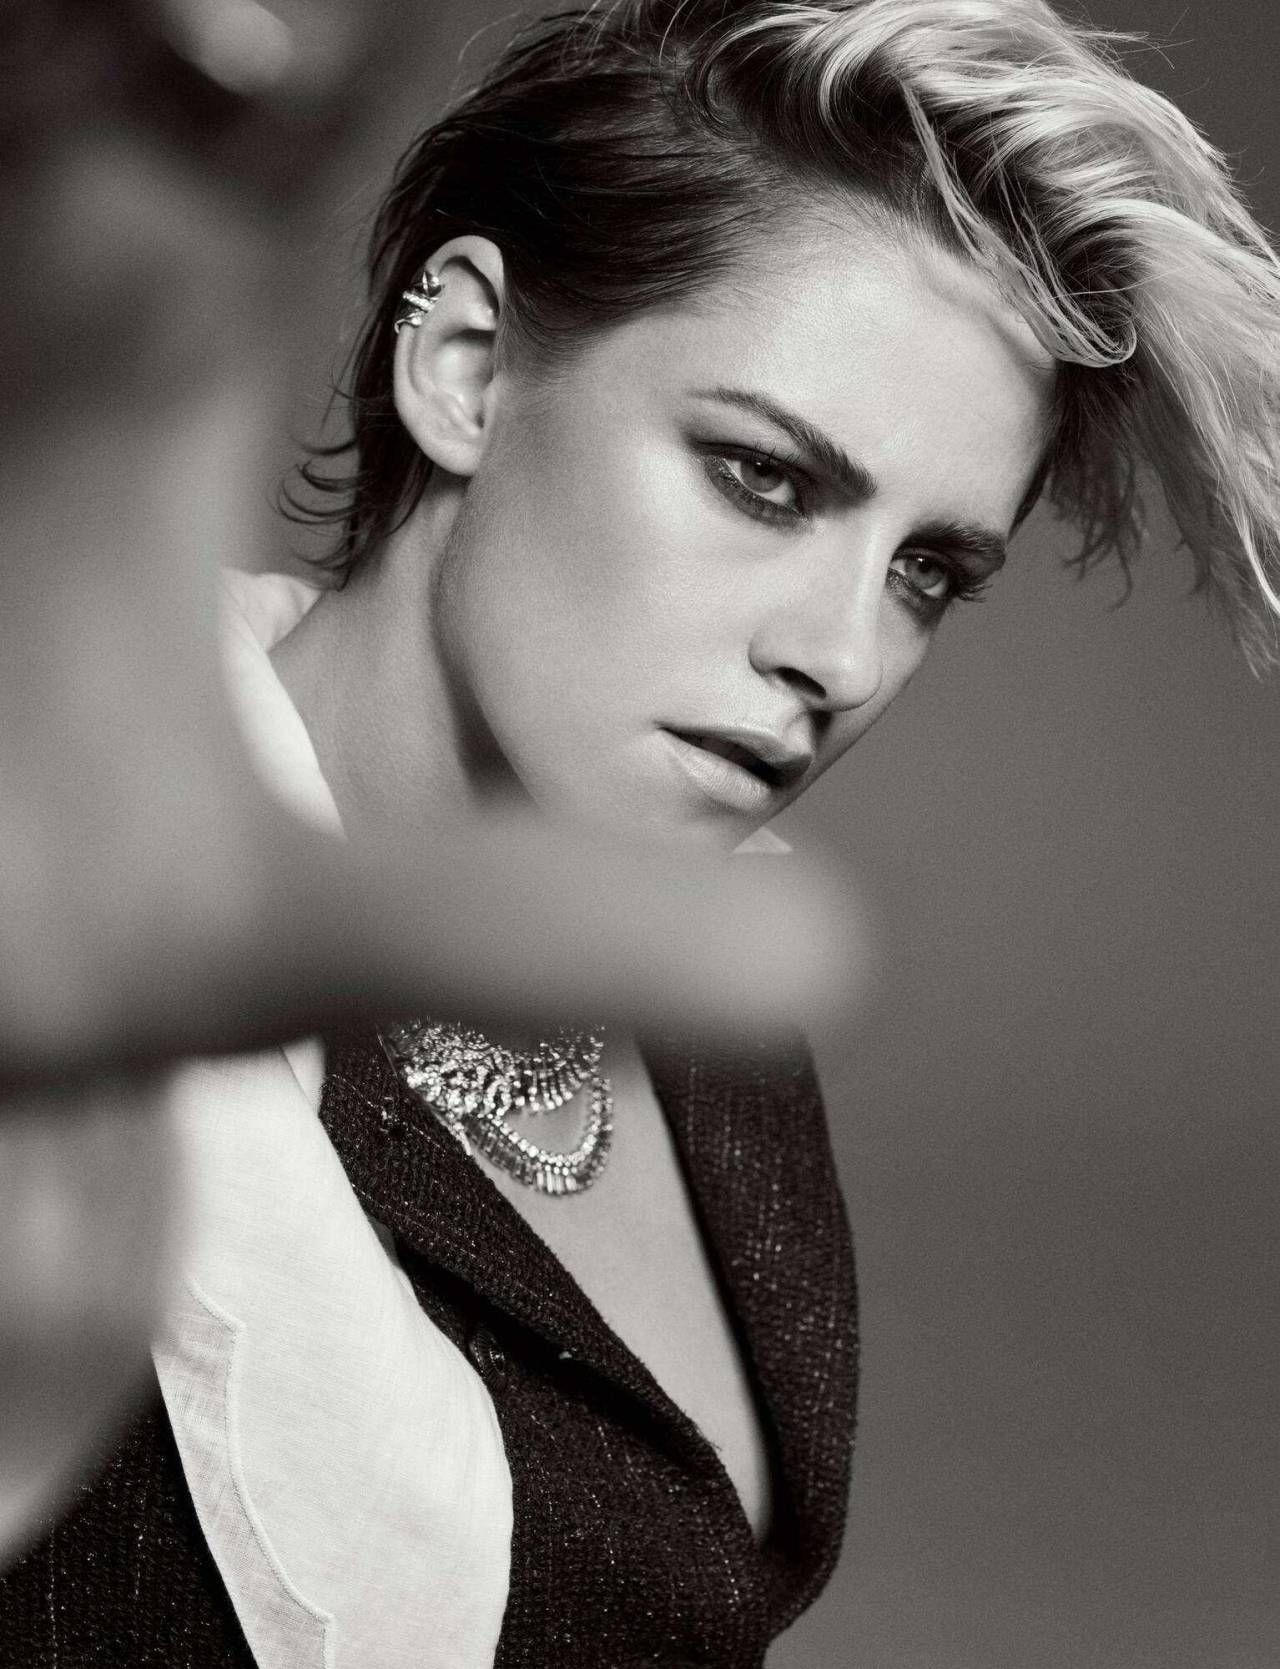 Pin by Jan on KS in 2020 Kristen stewart actress